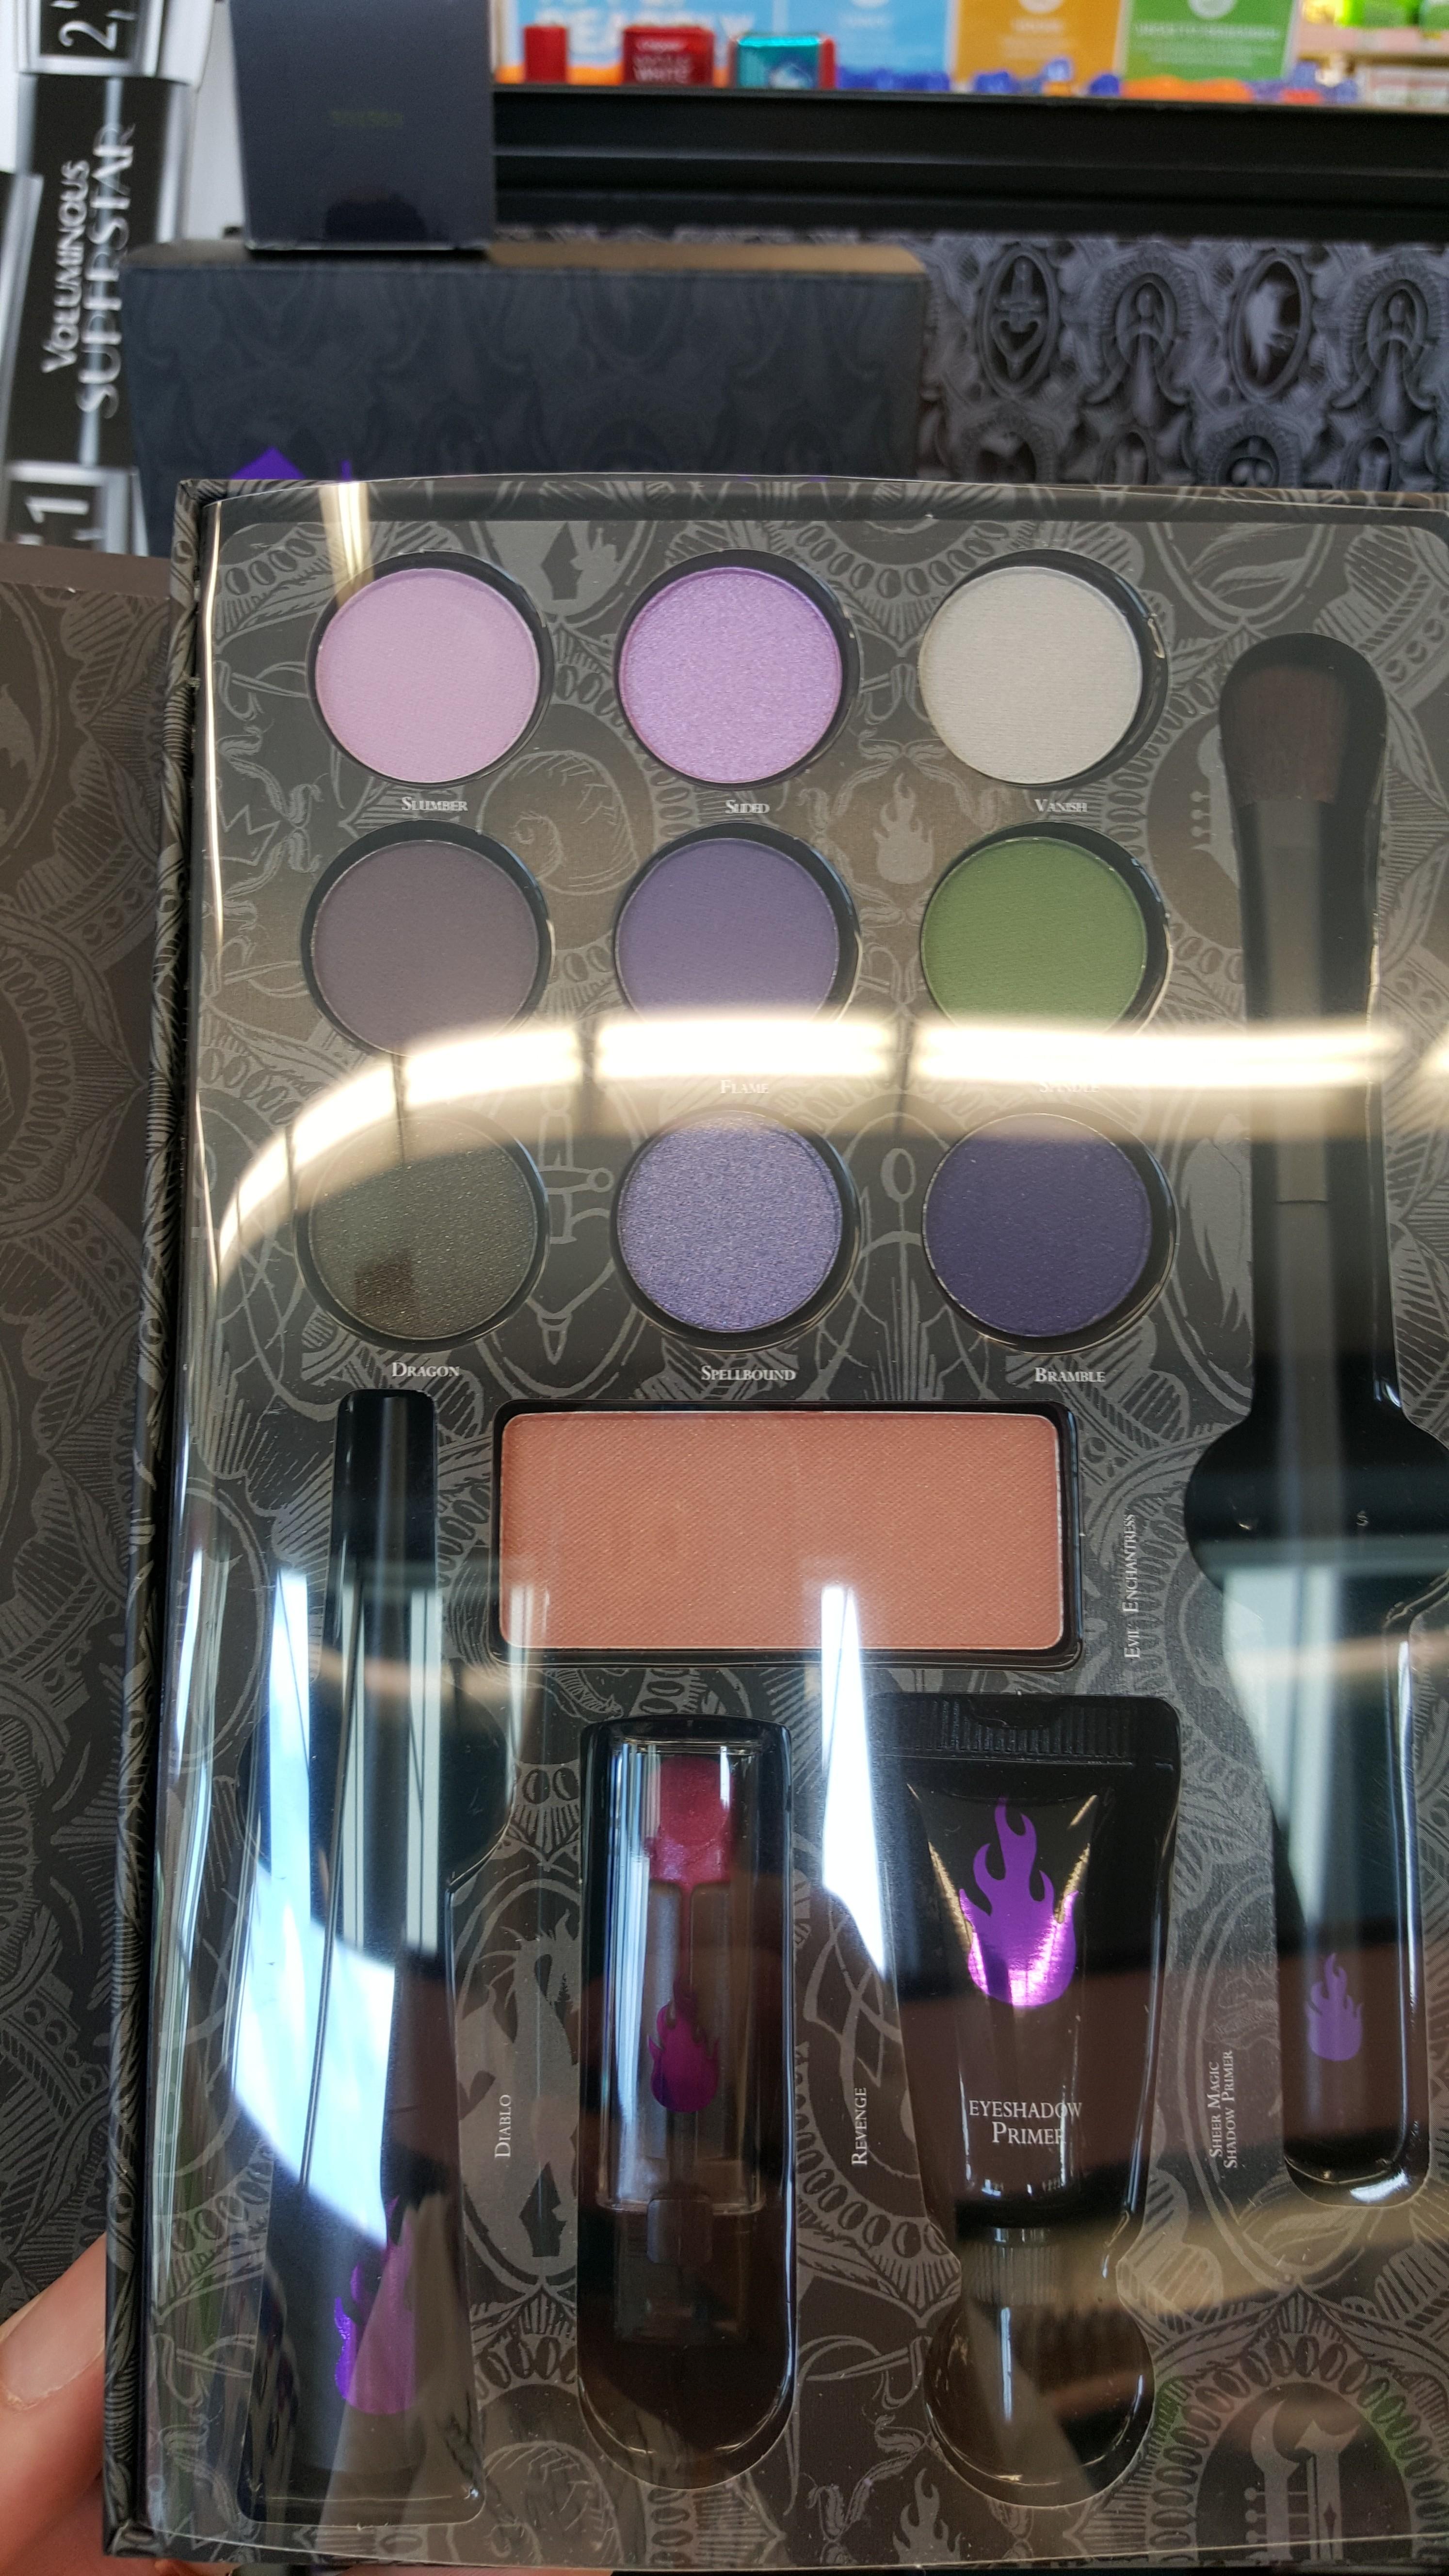 ... disney evil queen makeup kityour wdw disney villians makeup kit the evil queen · makeup train case with lightirror ...